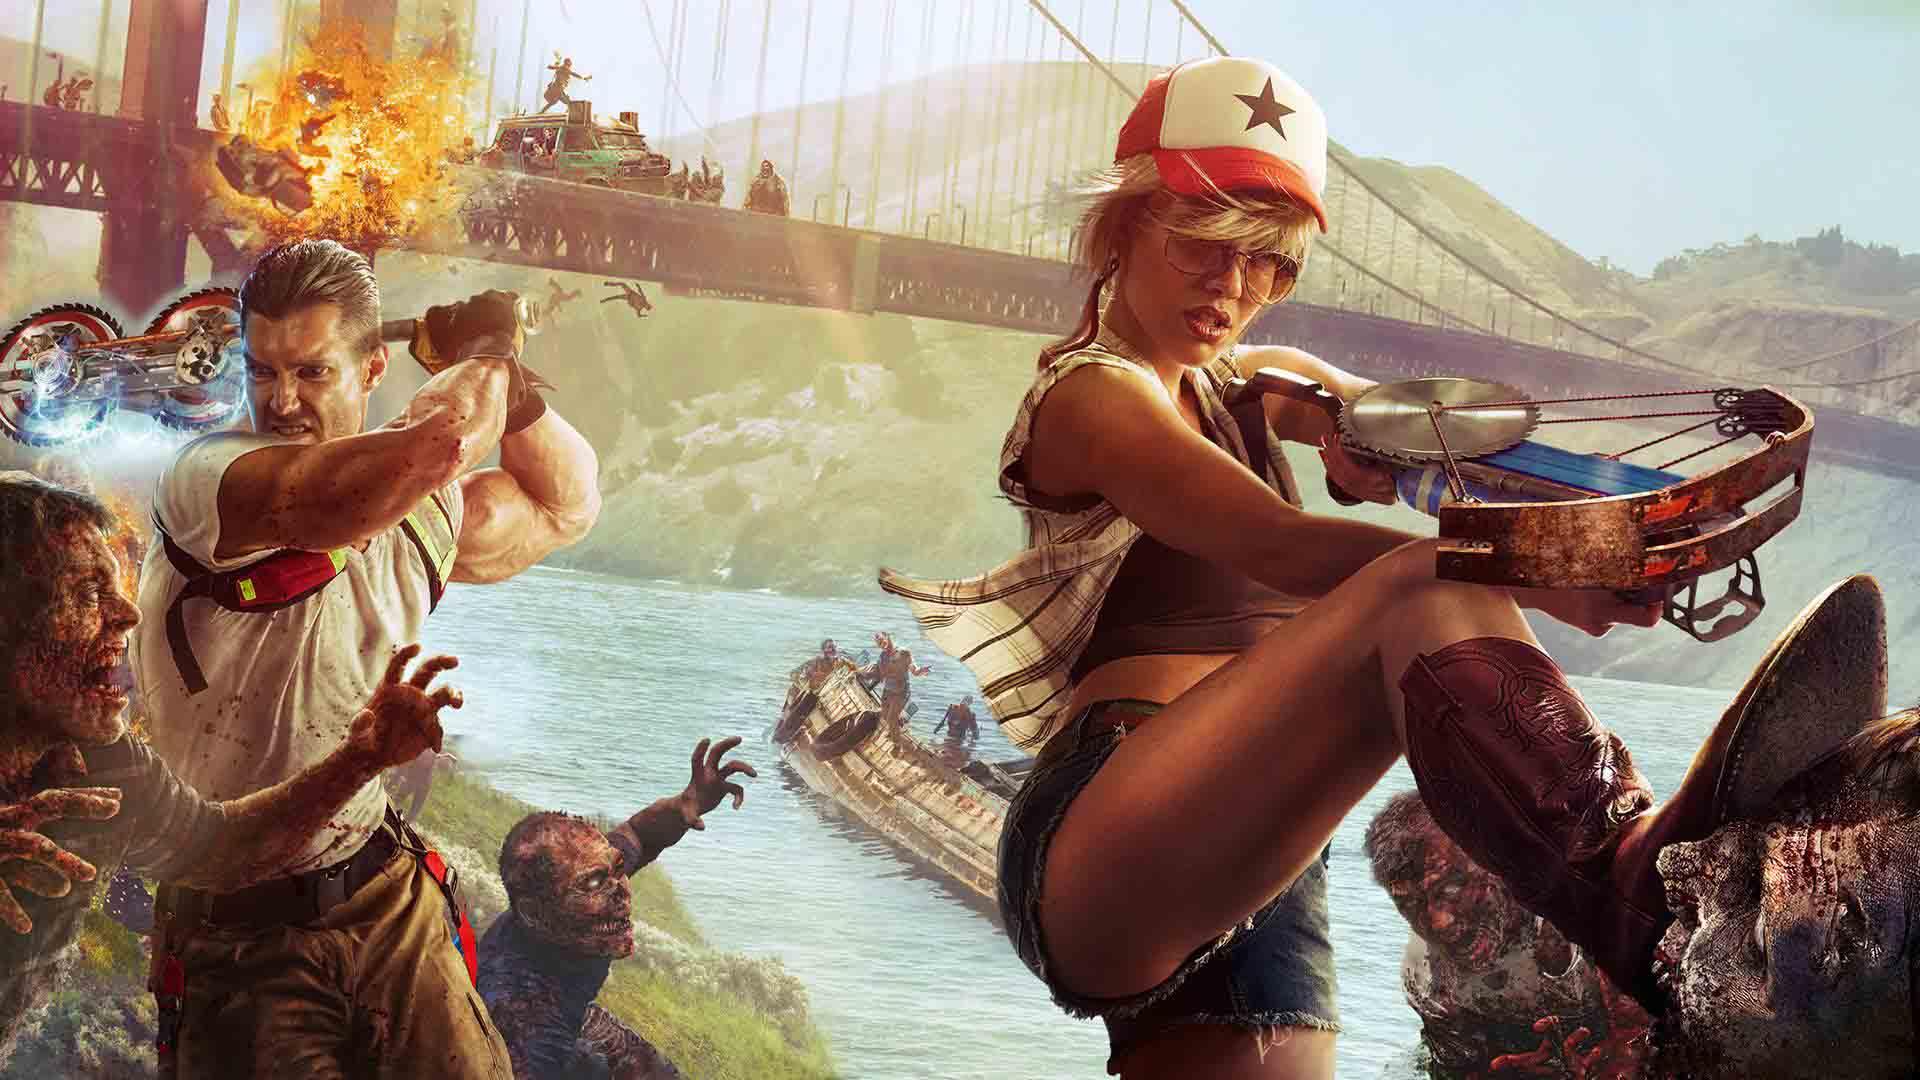 Dead Island 2 - grafika z gry, która trafi ekskluzywnie do Epic Games Store